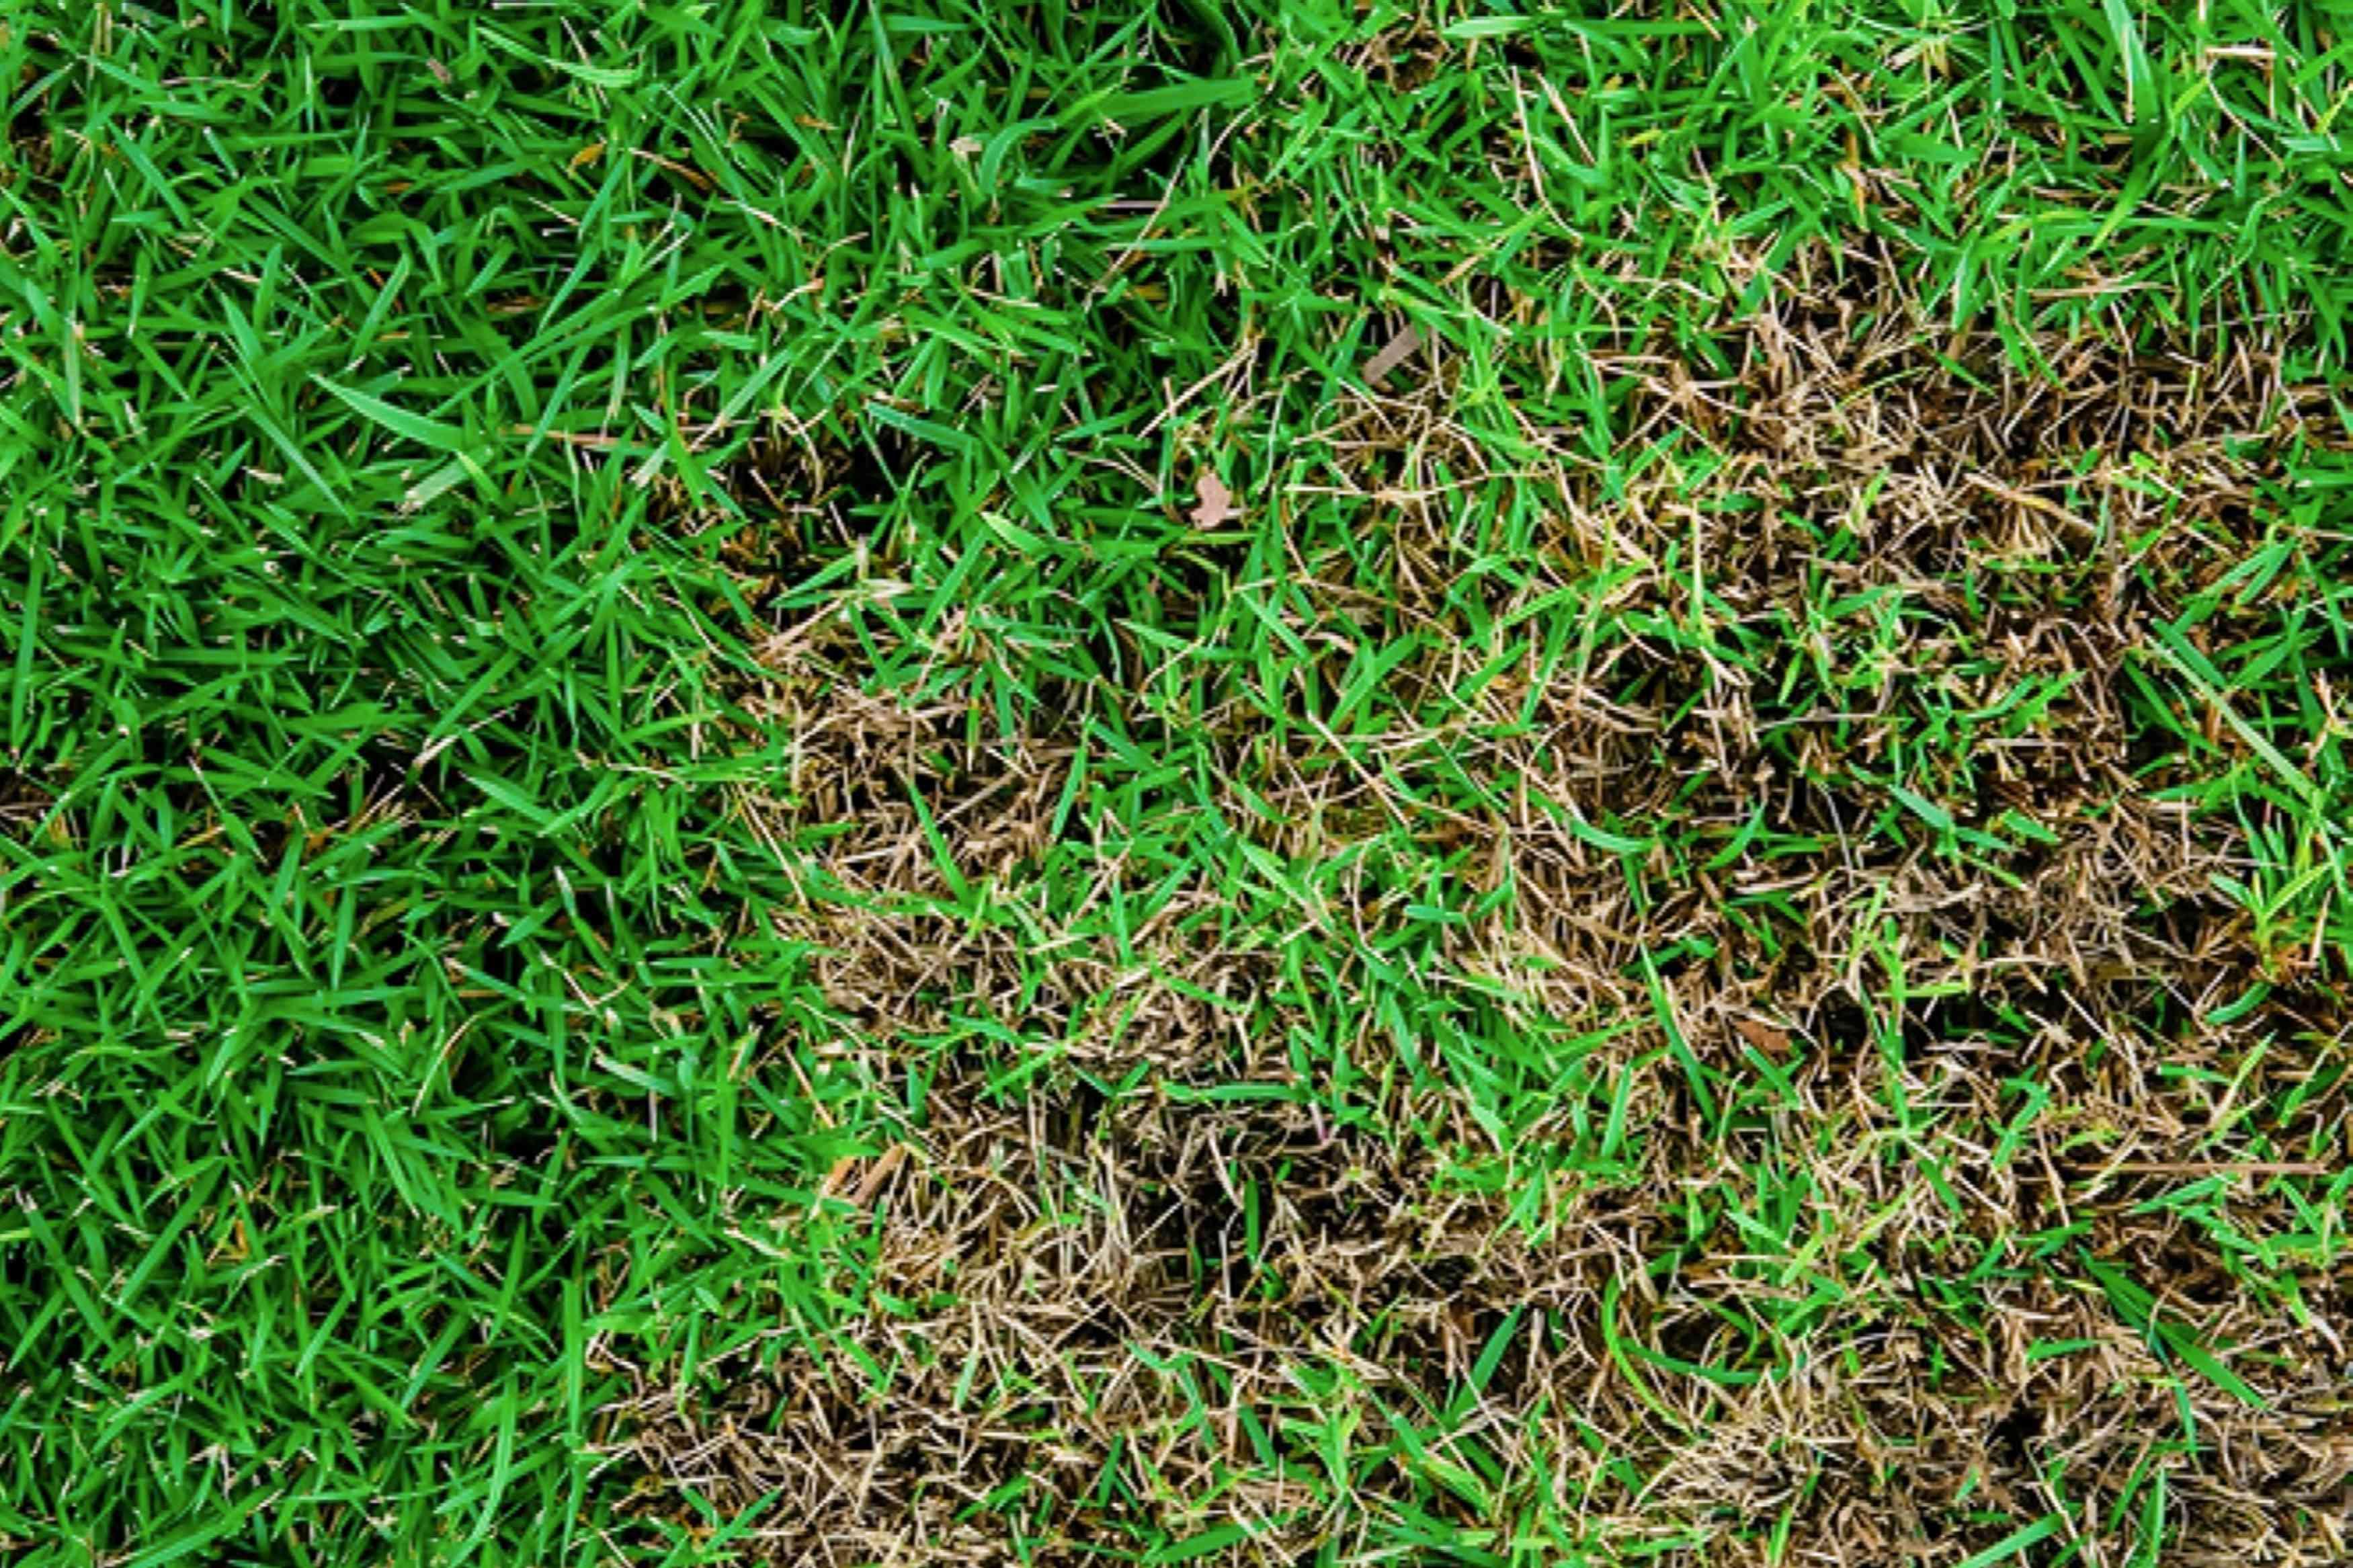 Bird's eye view of grass